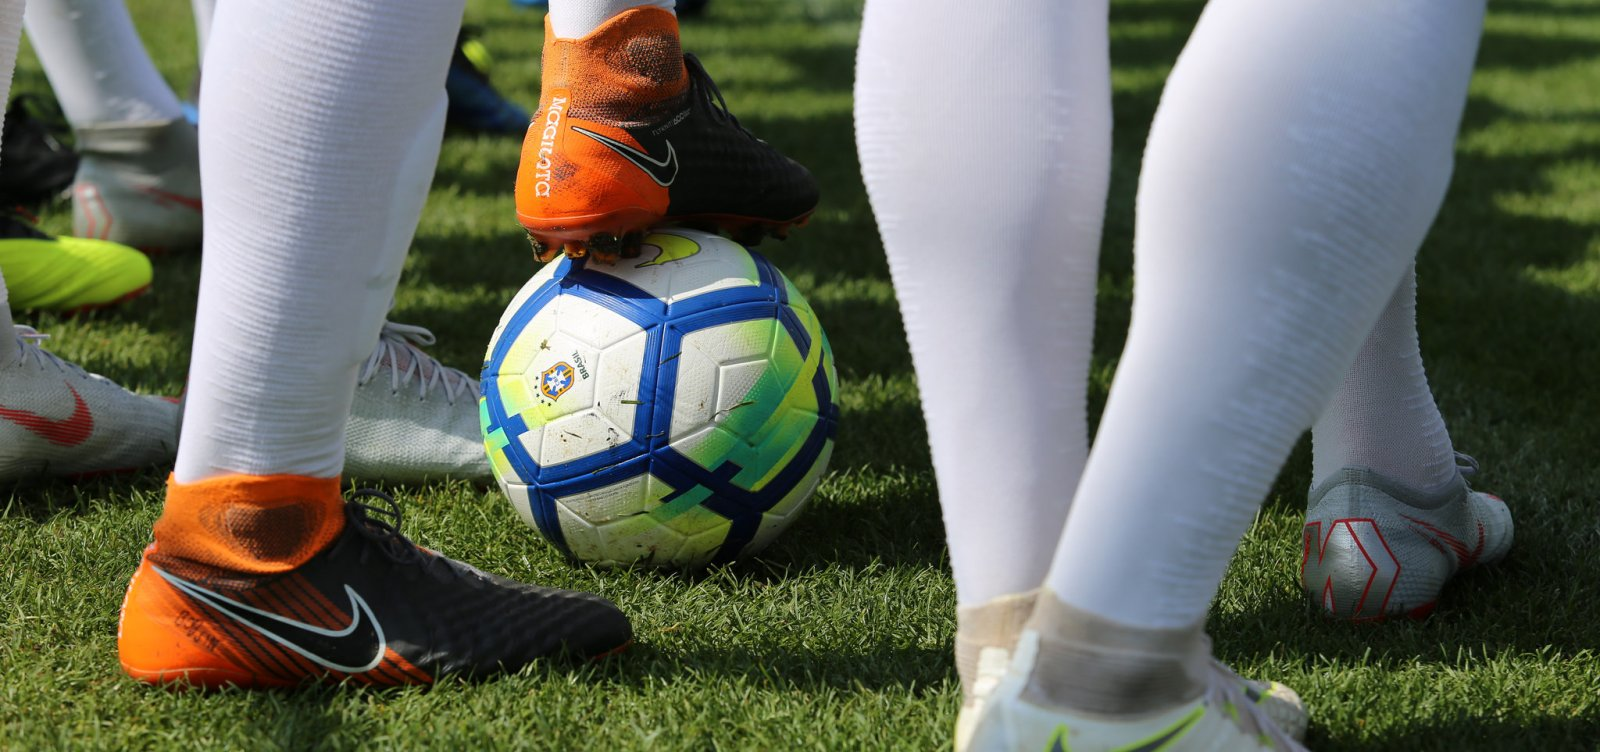 STJD prepara denúncias contra 68 clubes por cobrança de multas